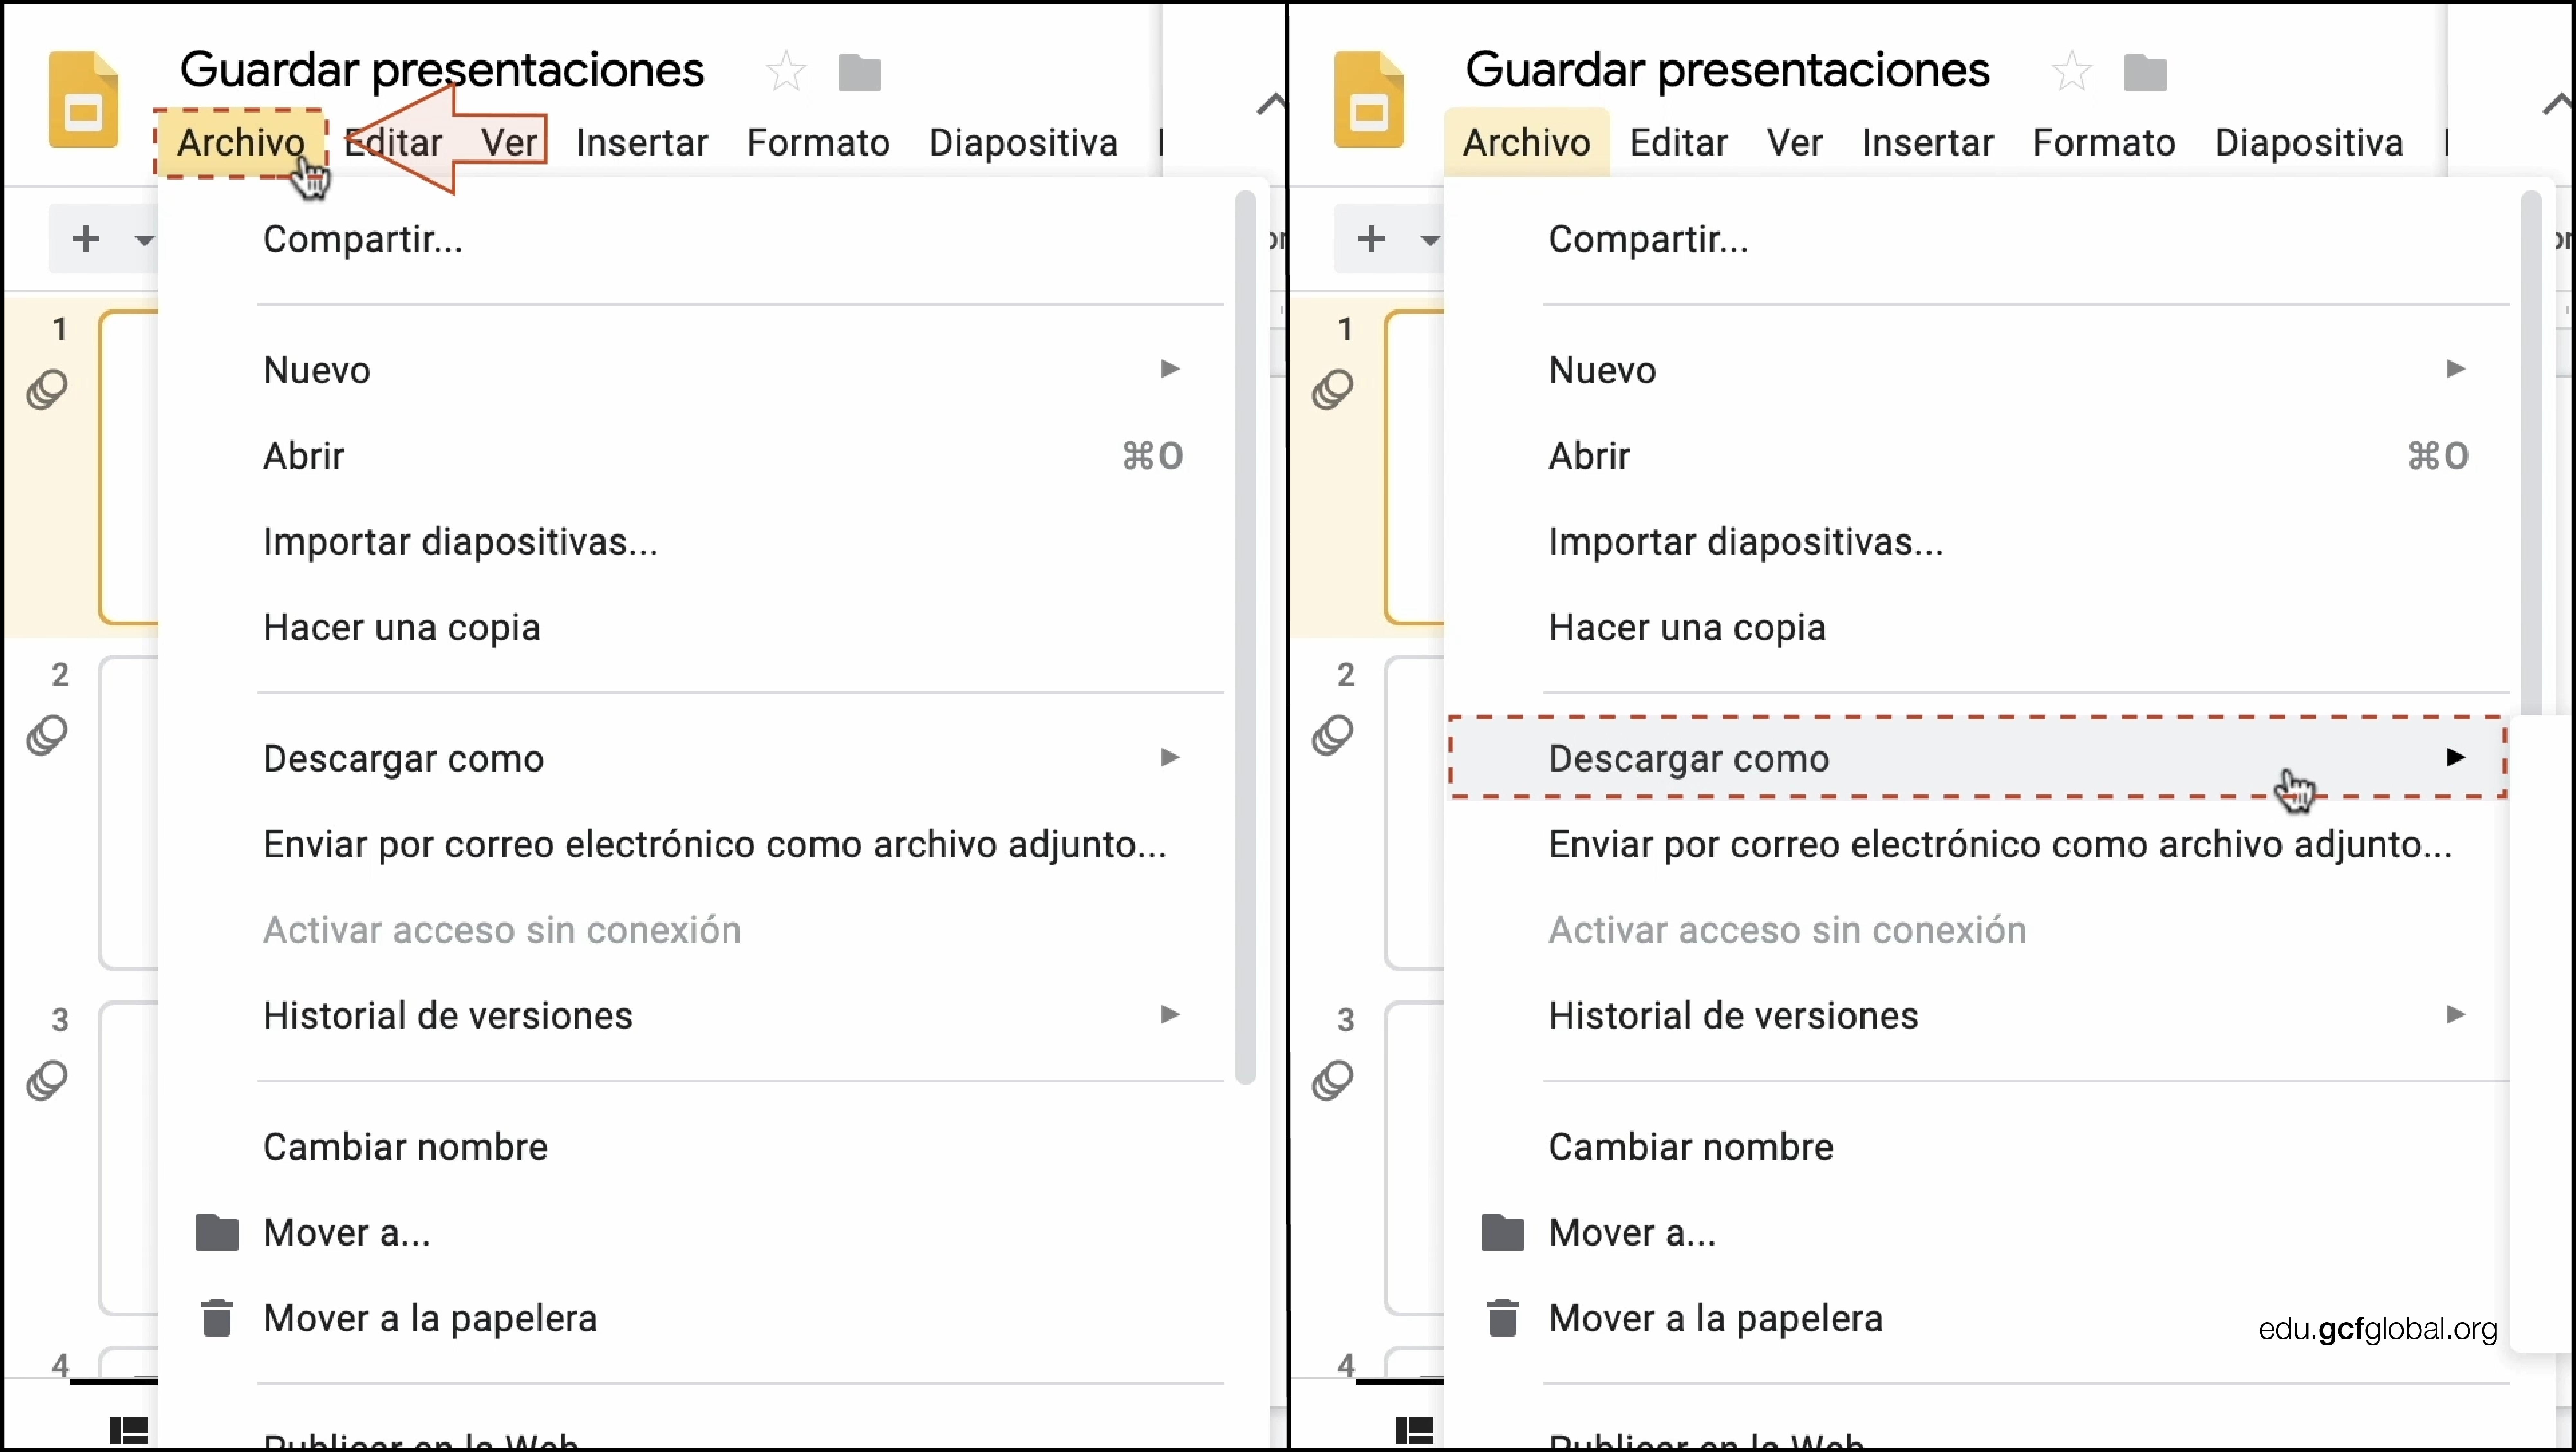 Imagen de Presentaciones de Google eligiendo las opciones Archivo y Descargar como.